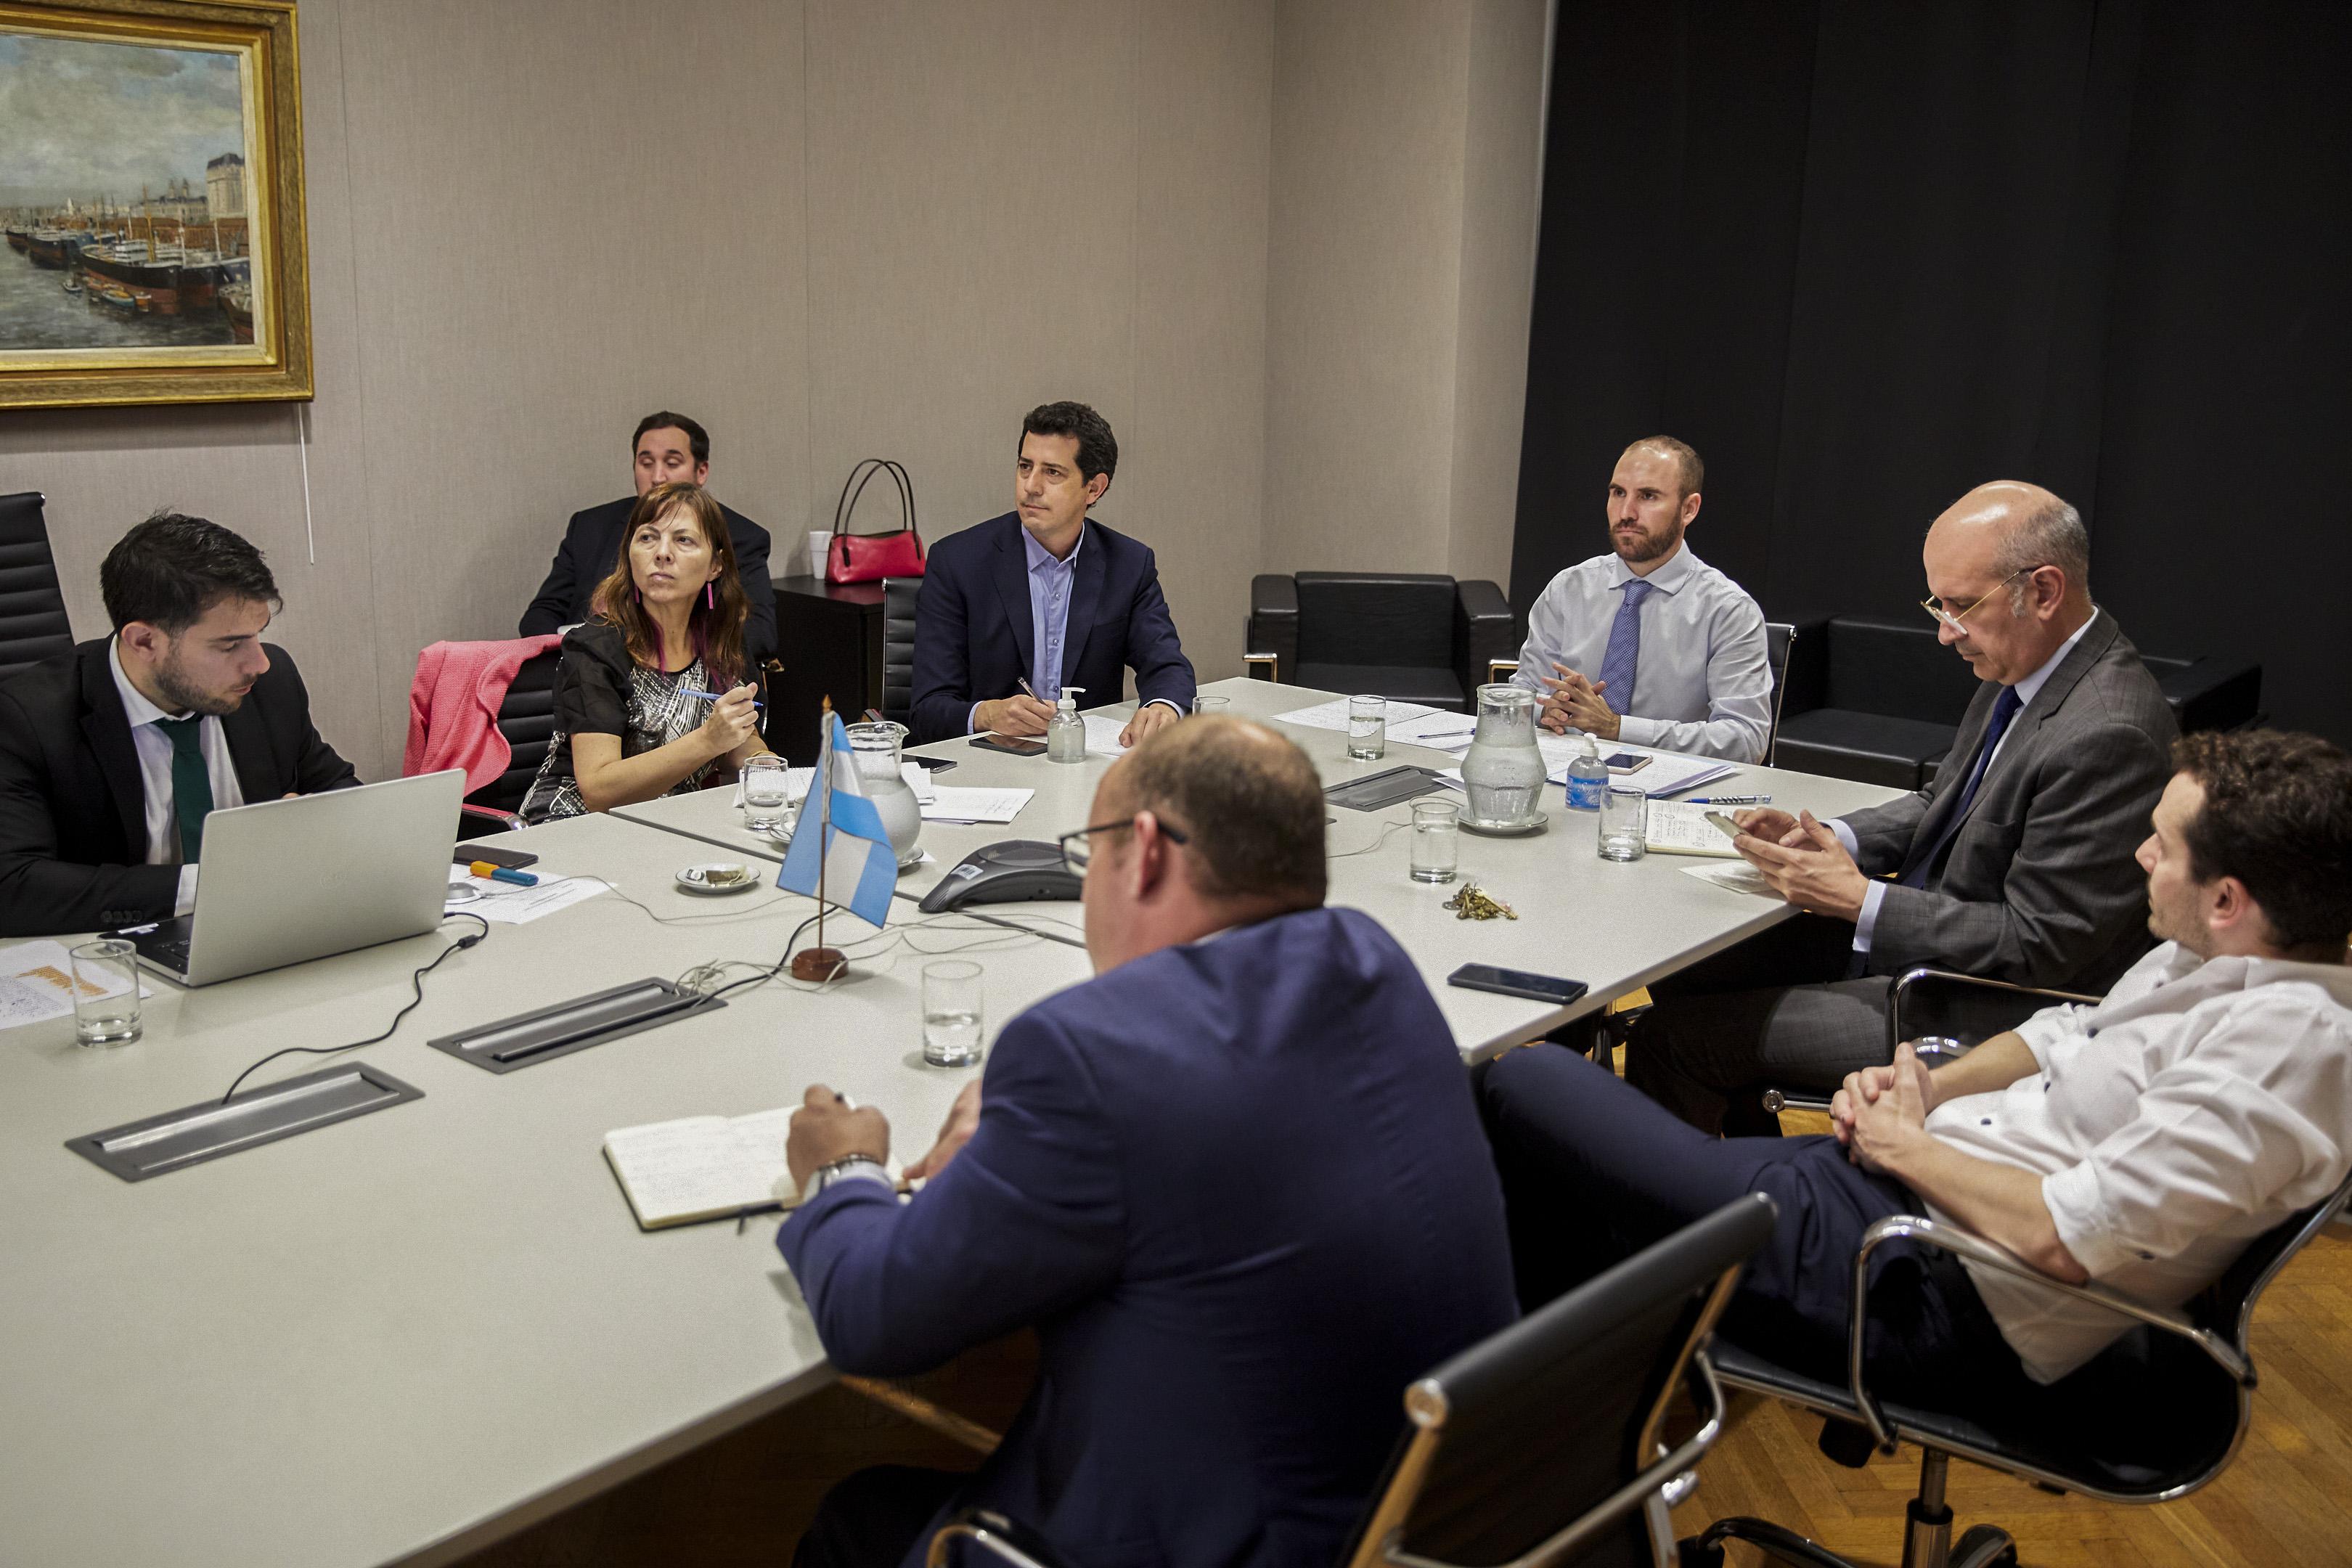 El ministro de Economía de la Nación, Martín Guzmán, junto al del Interior, Eduardo De Pedro, durante una videoconferencia con sus pares provinciales